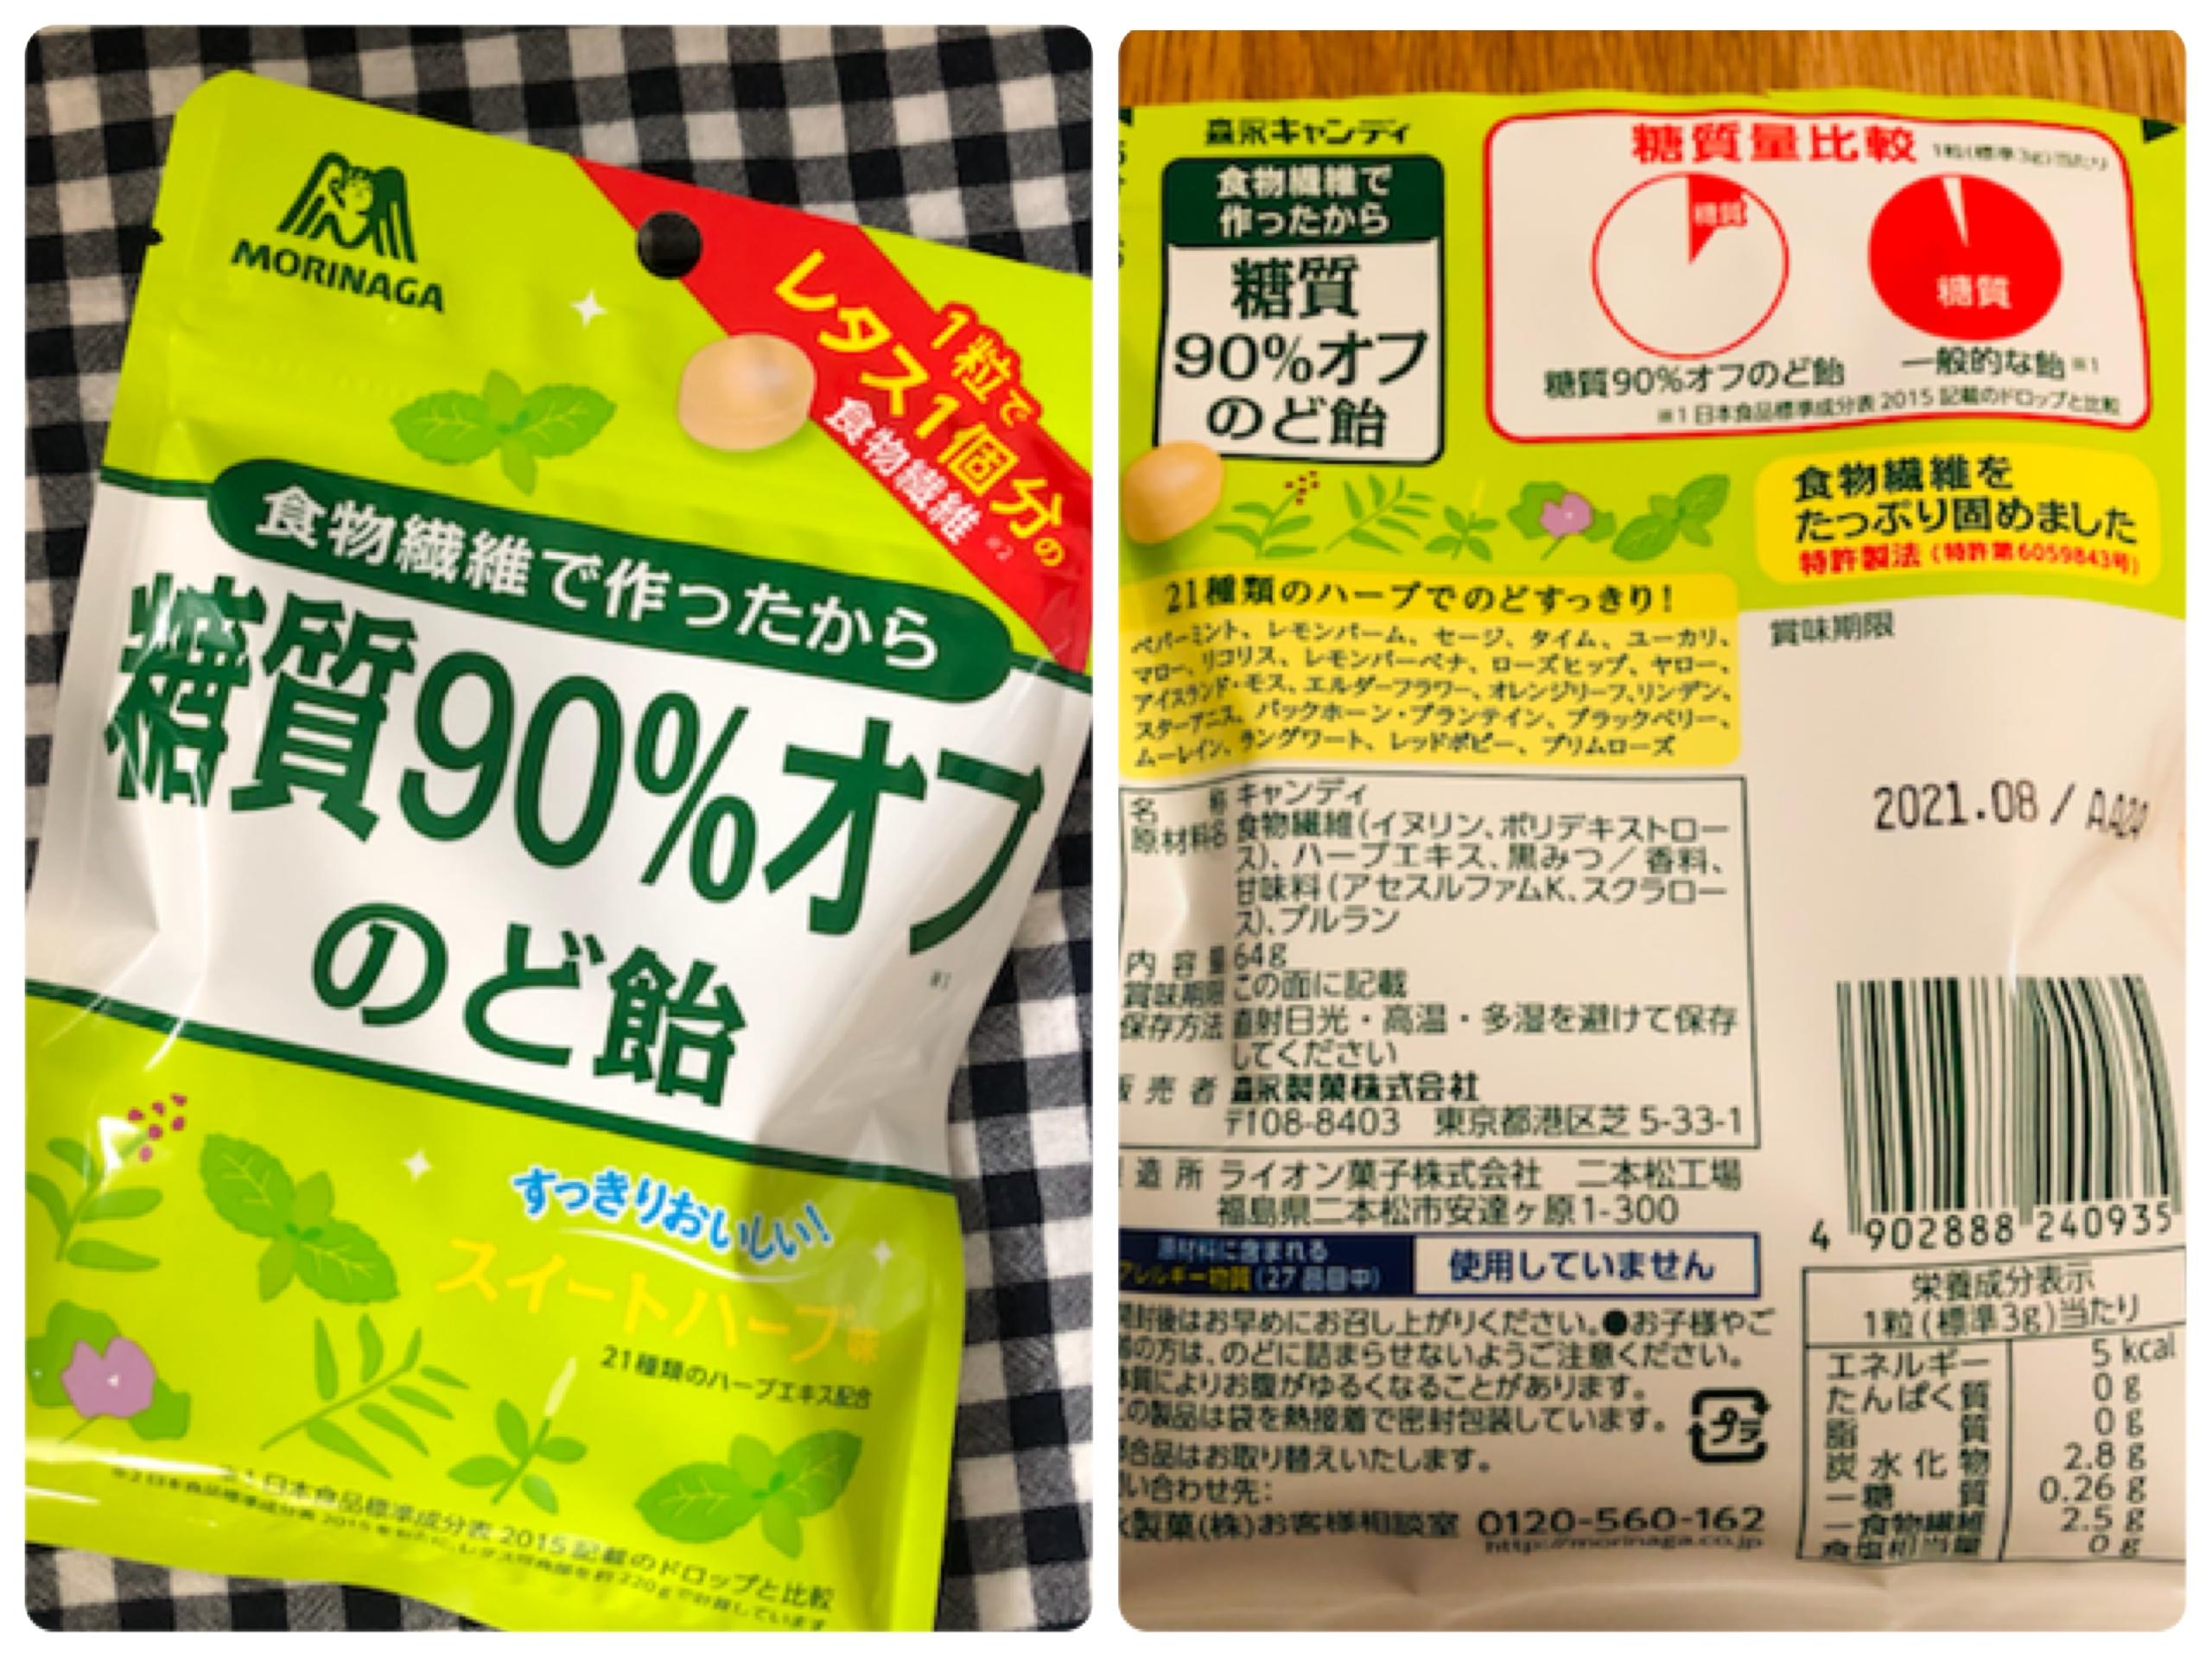 のど飴のパッケージ(左)と栄養成分表示など(右)